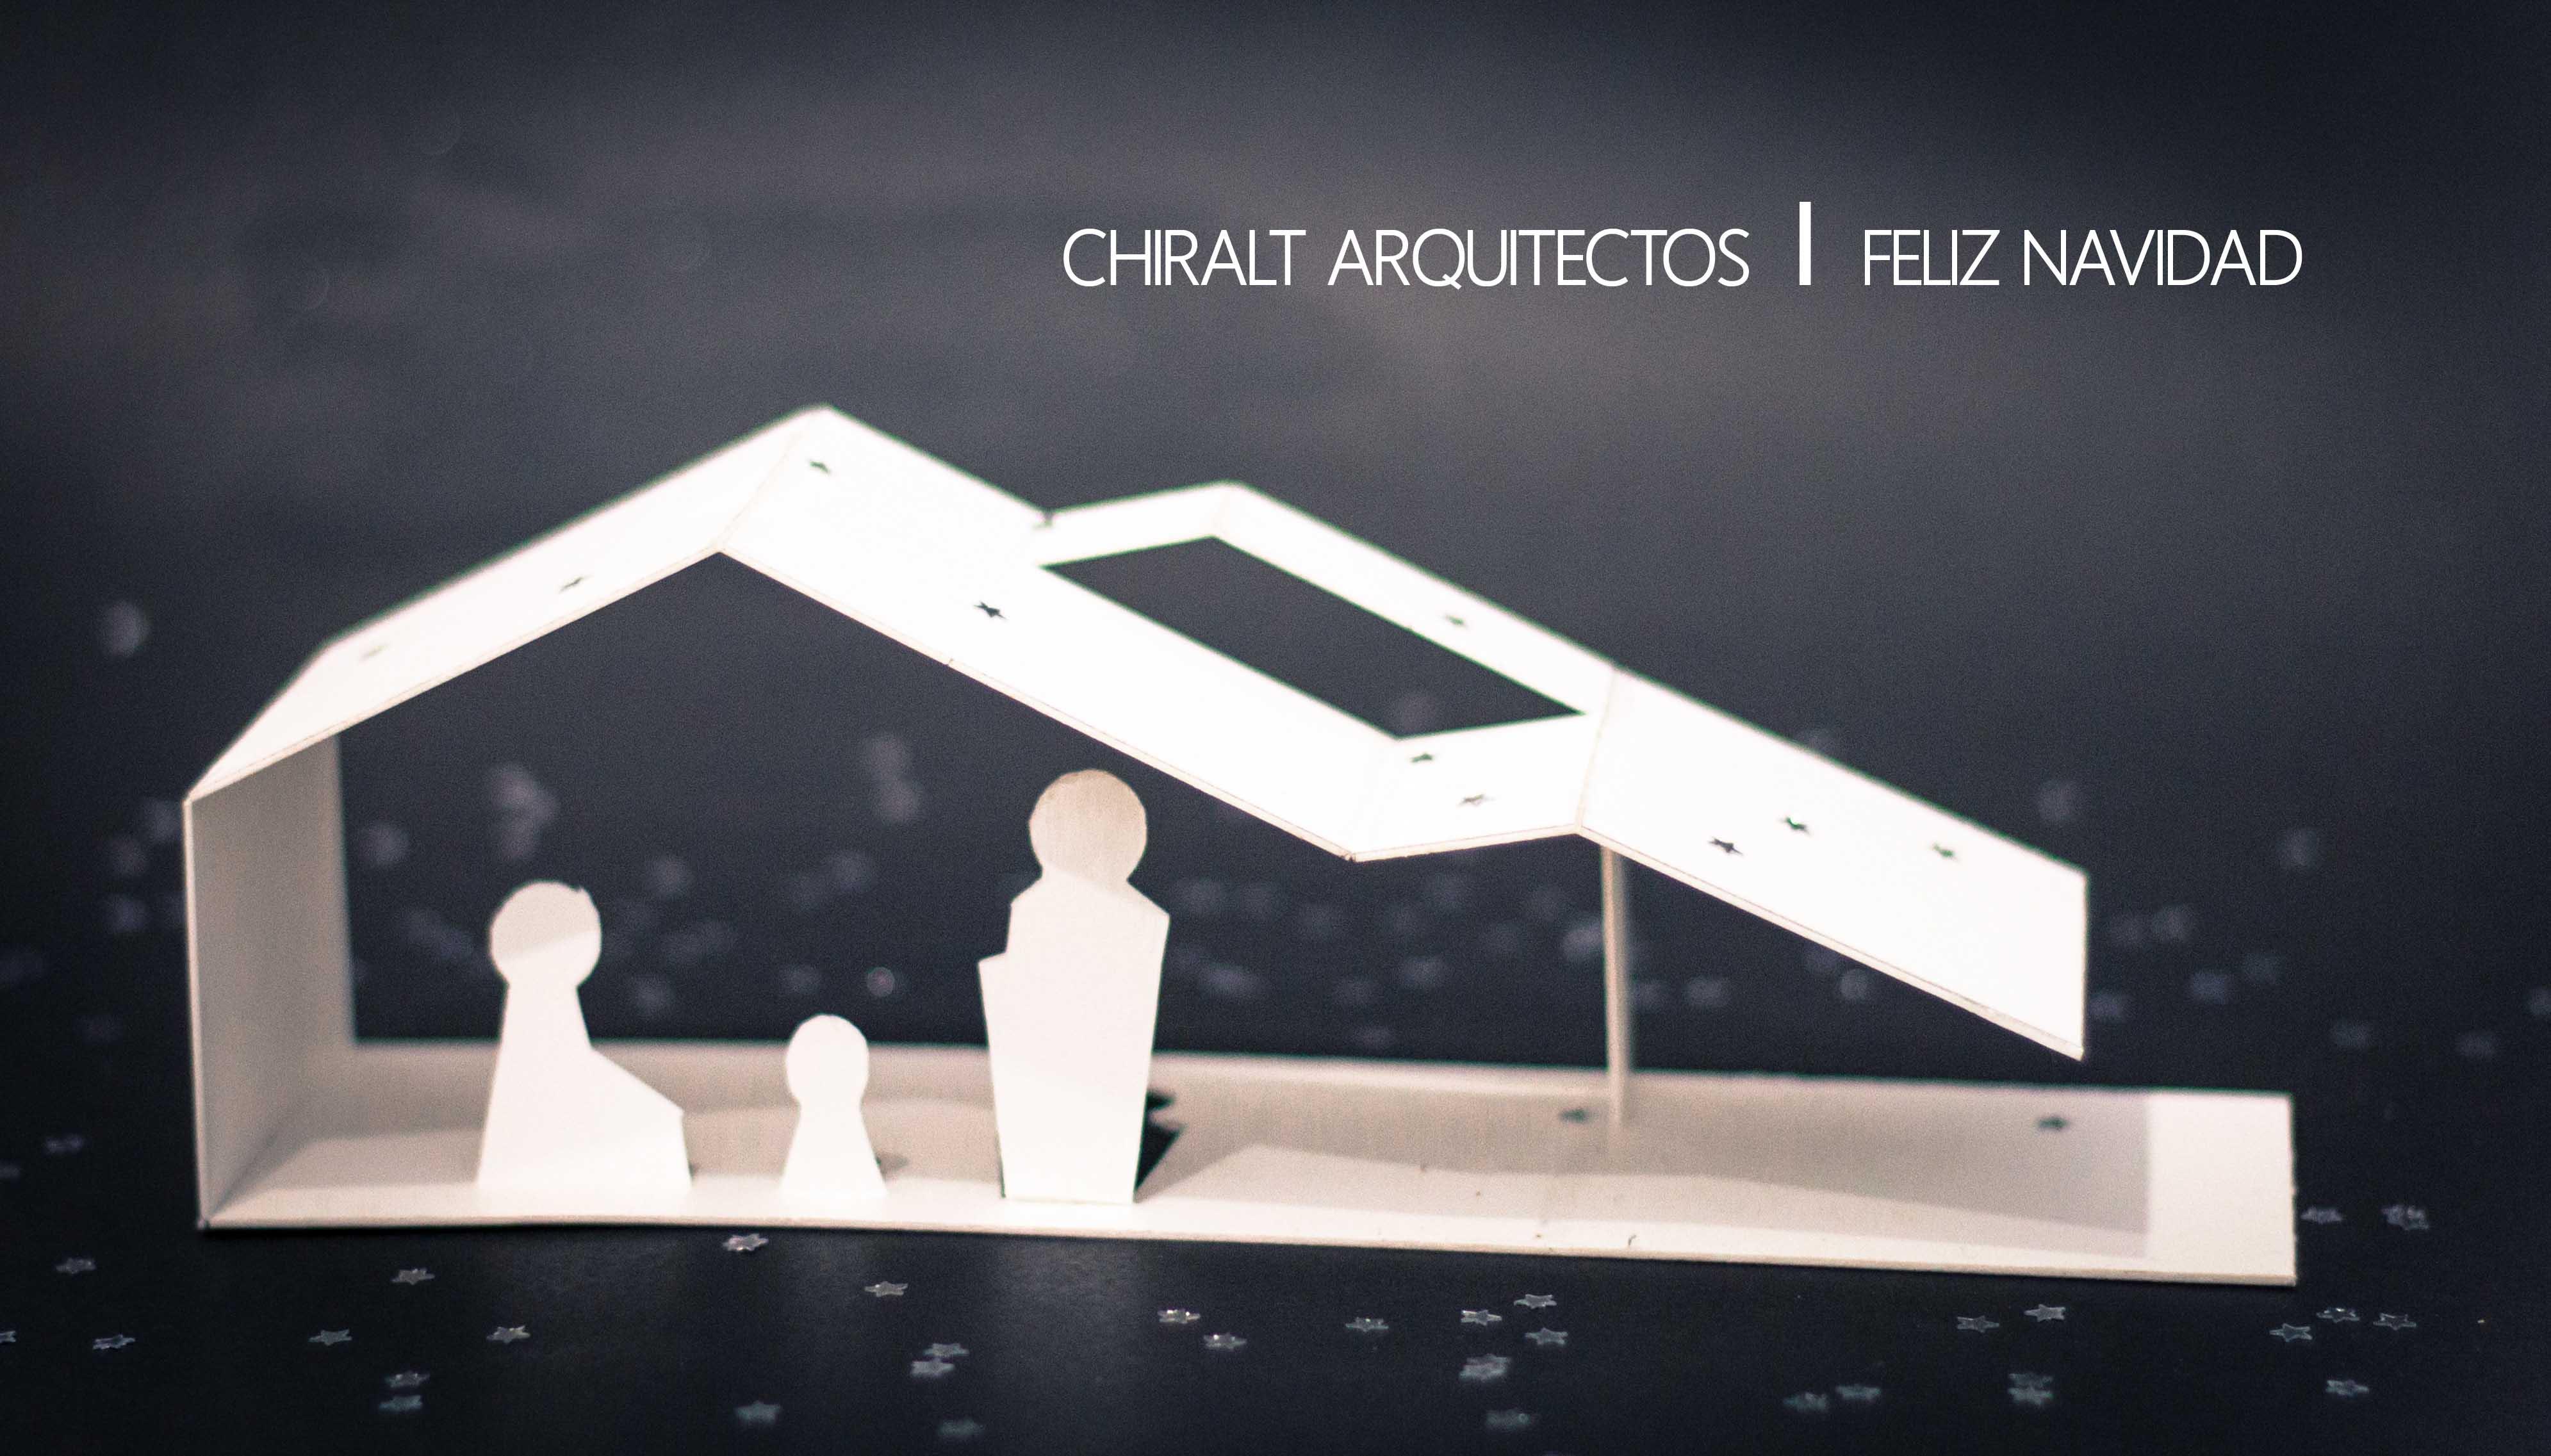 Navidad Chiralt Arquitectos Valencia